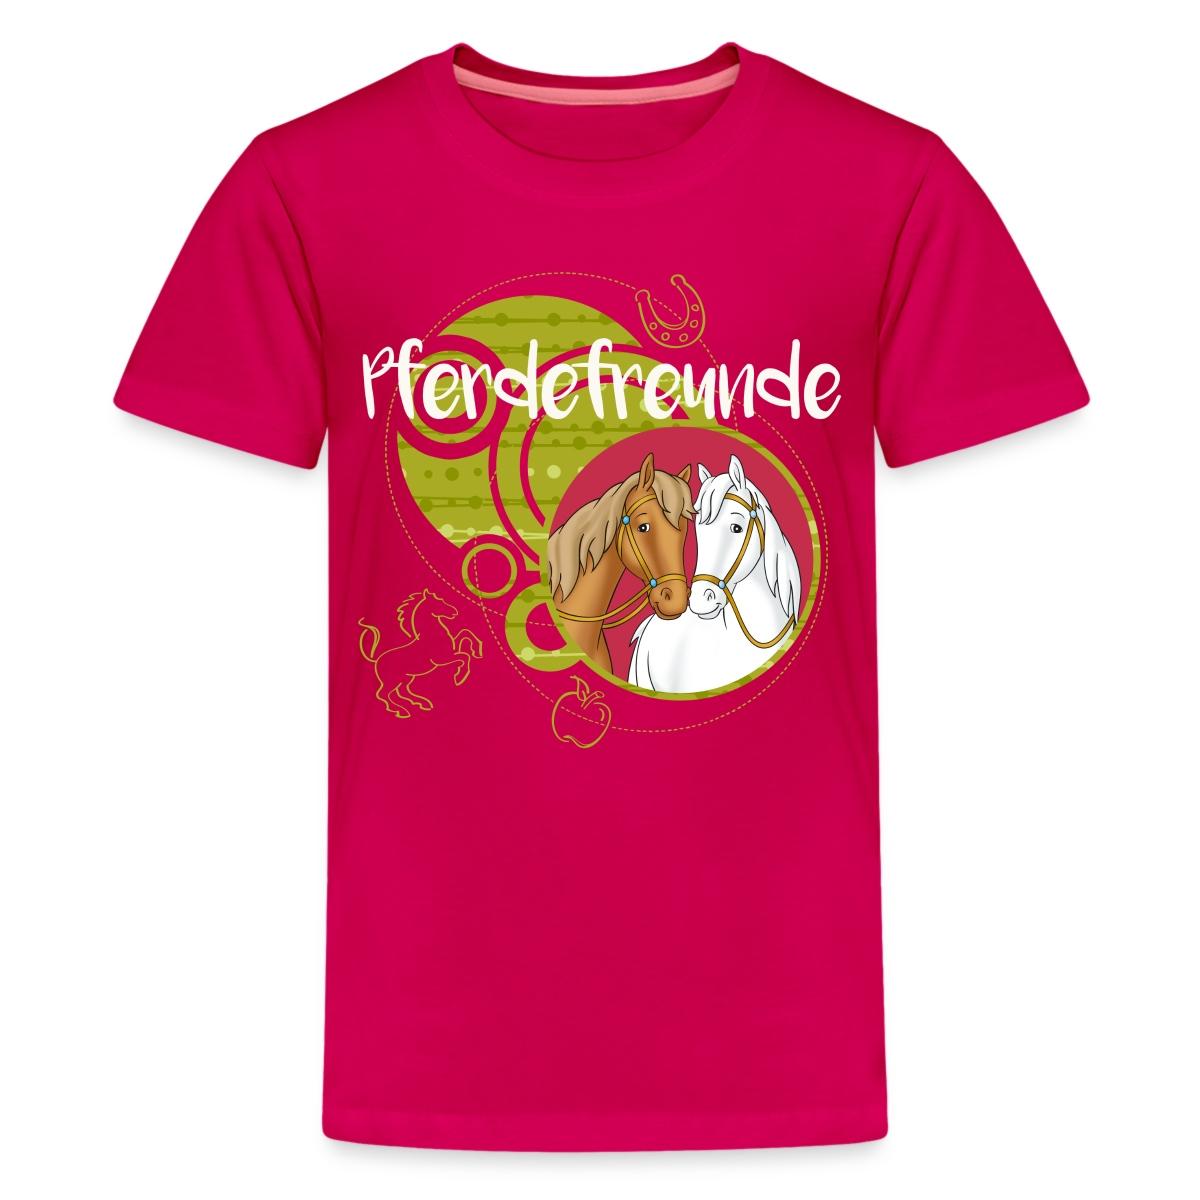 Bibi-Und-Tina-Pferdefreunde-Amadeus-Sabrina-Teenager-Premium-T-Shirt-von